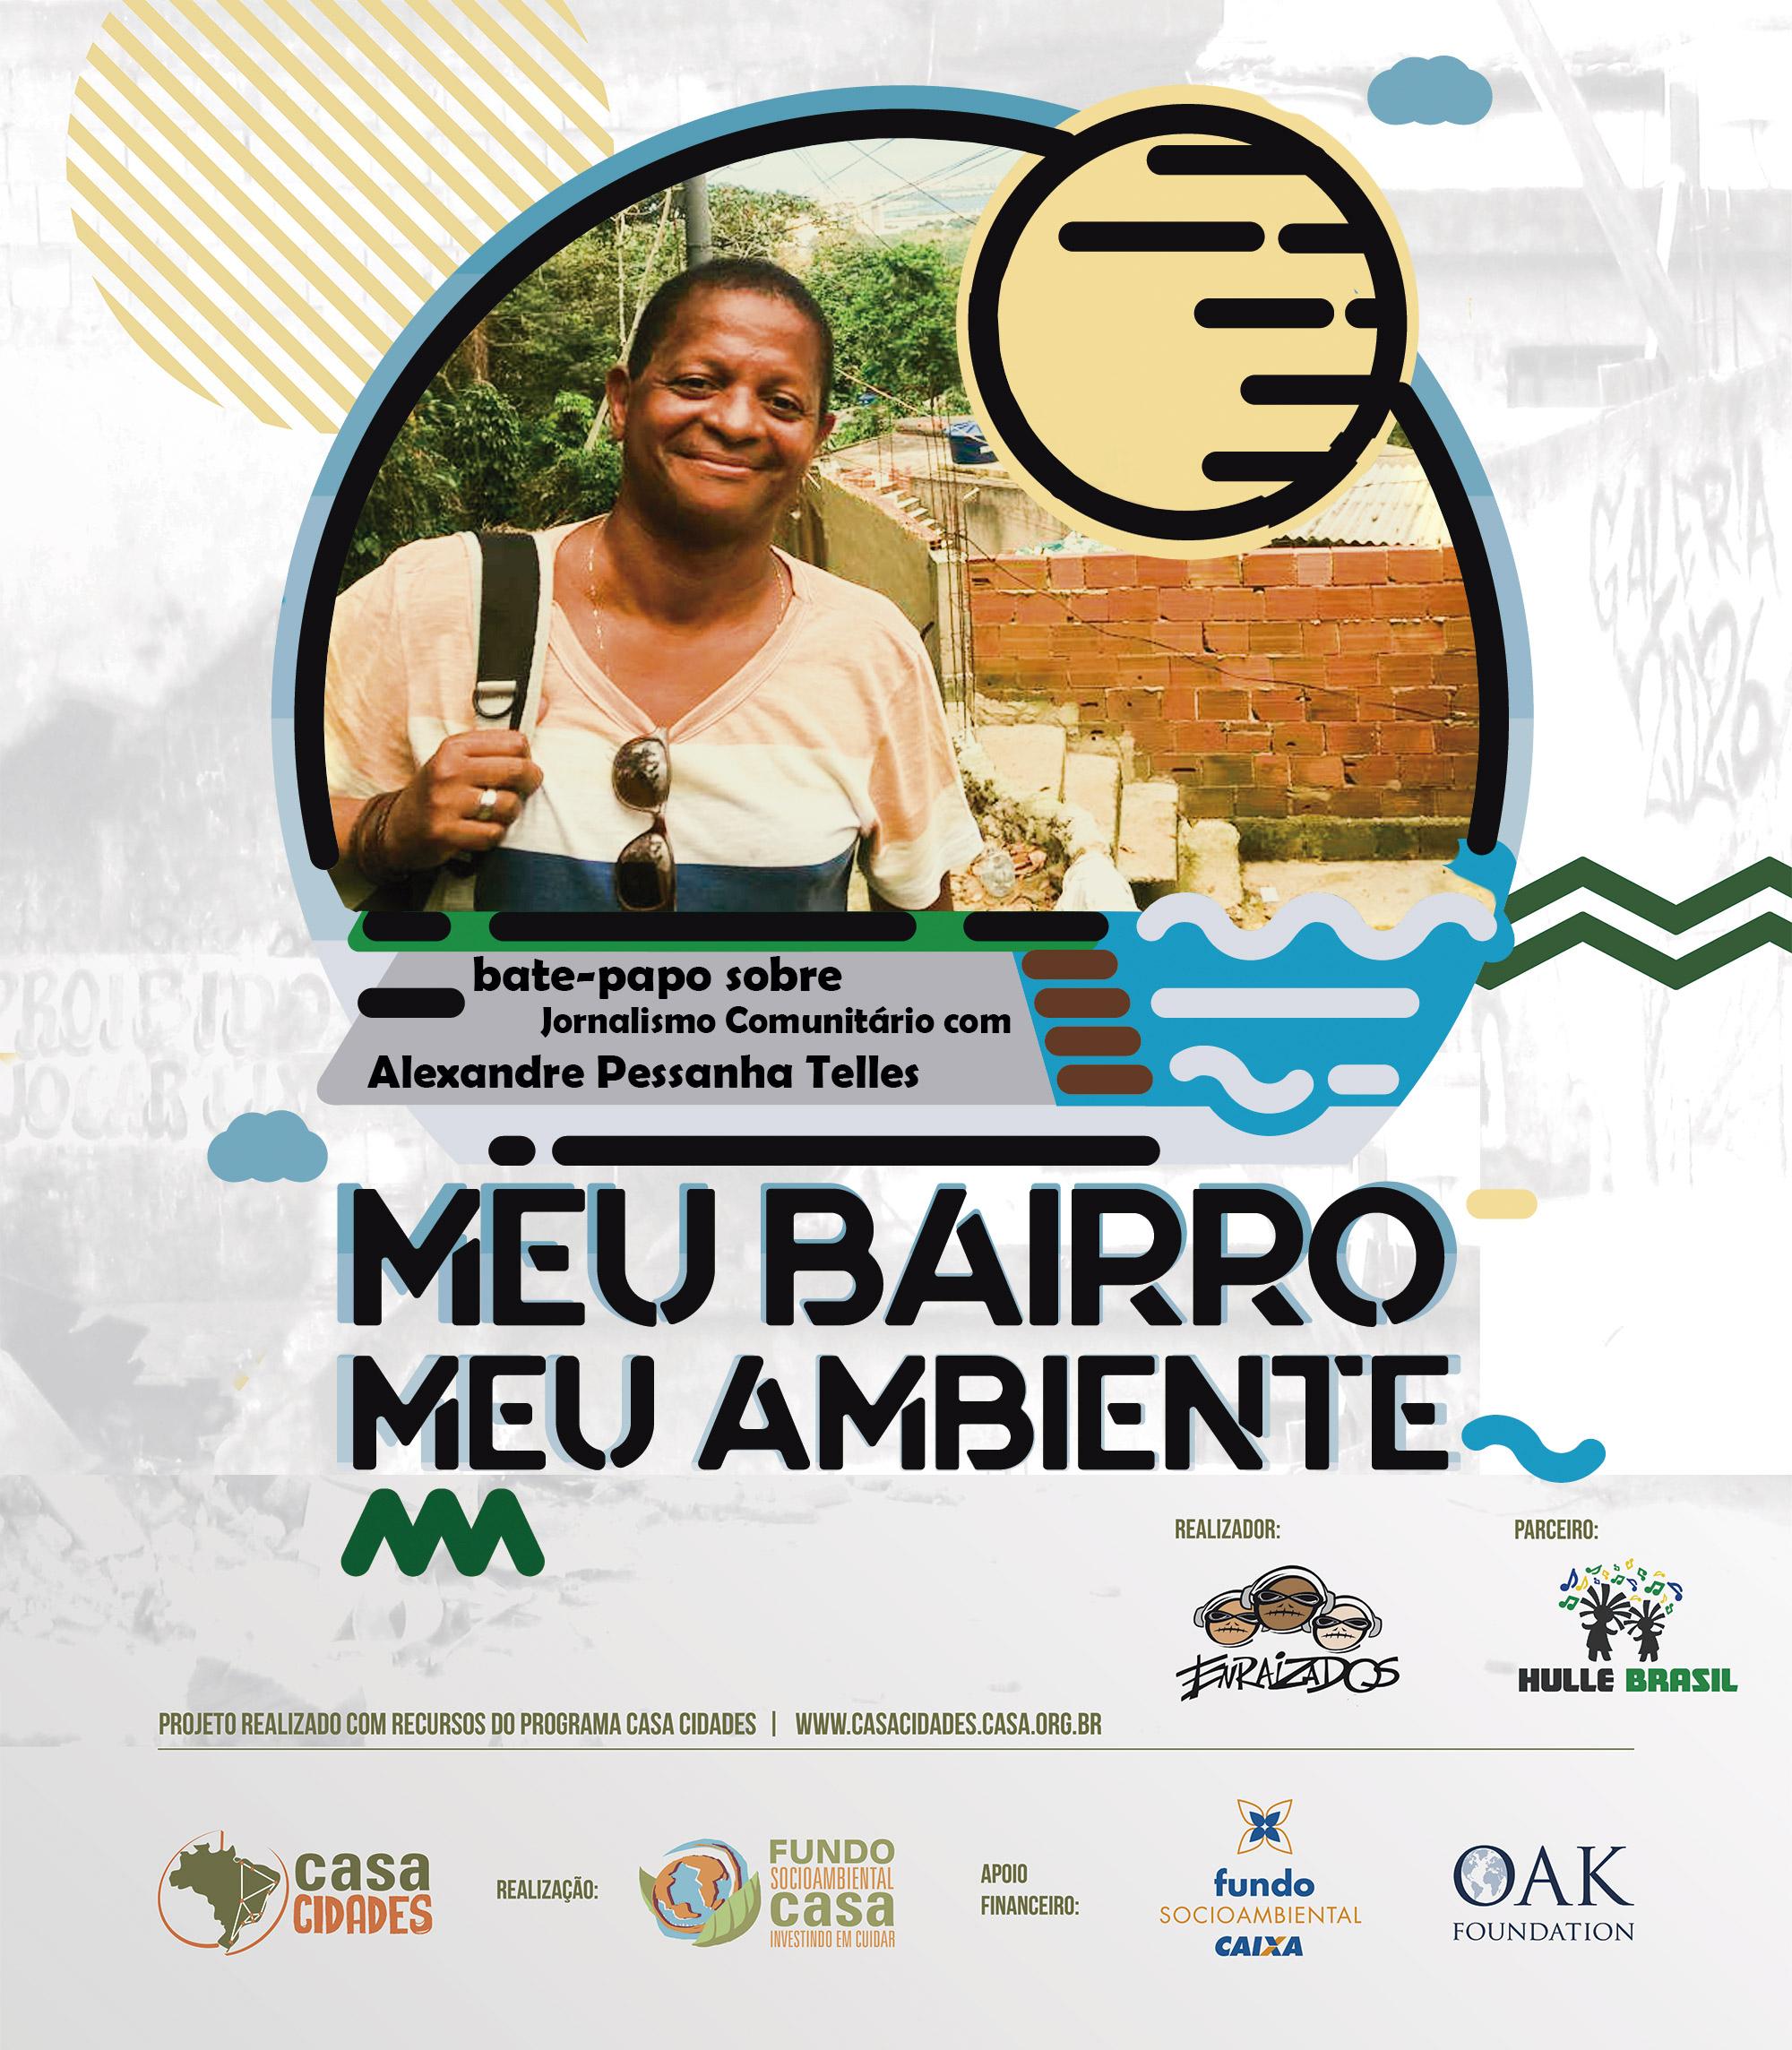 Jornalista ALexandre Pessanha Telles, do Quilombo do Camorim